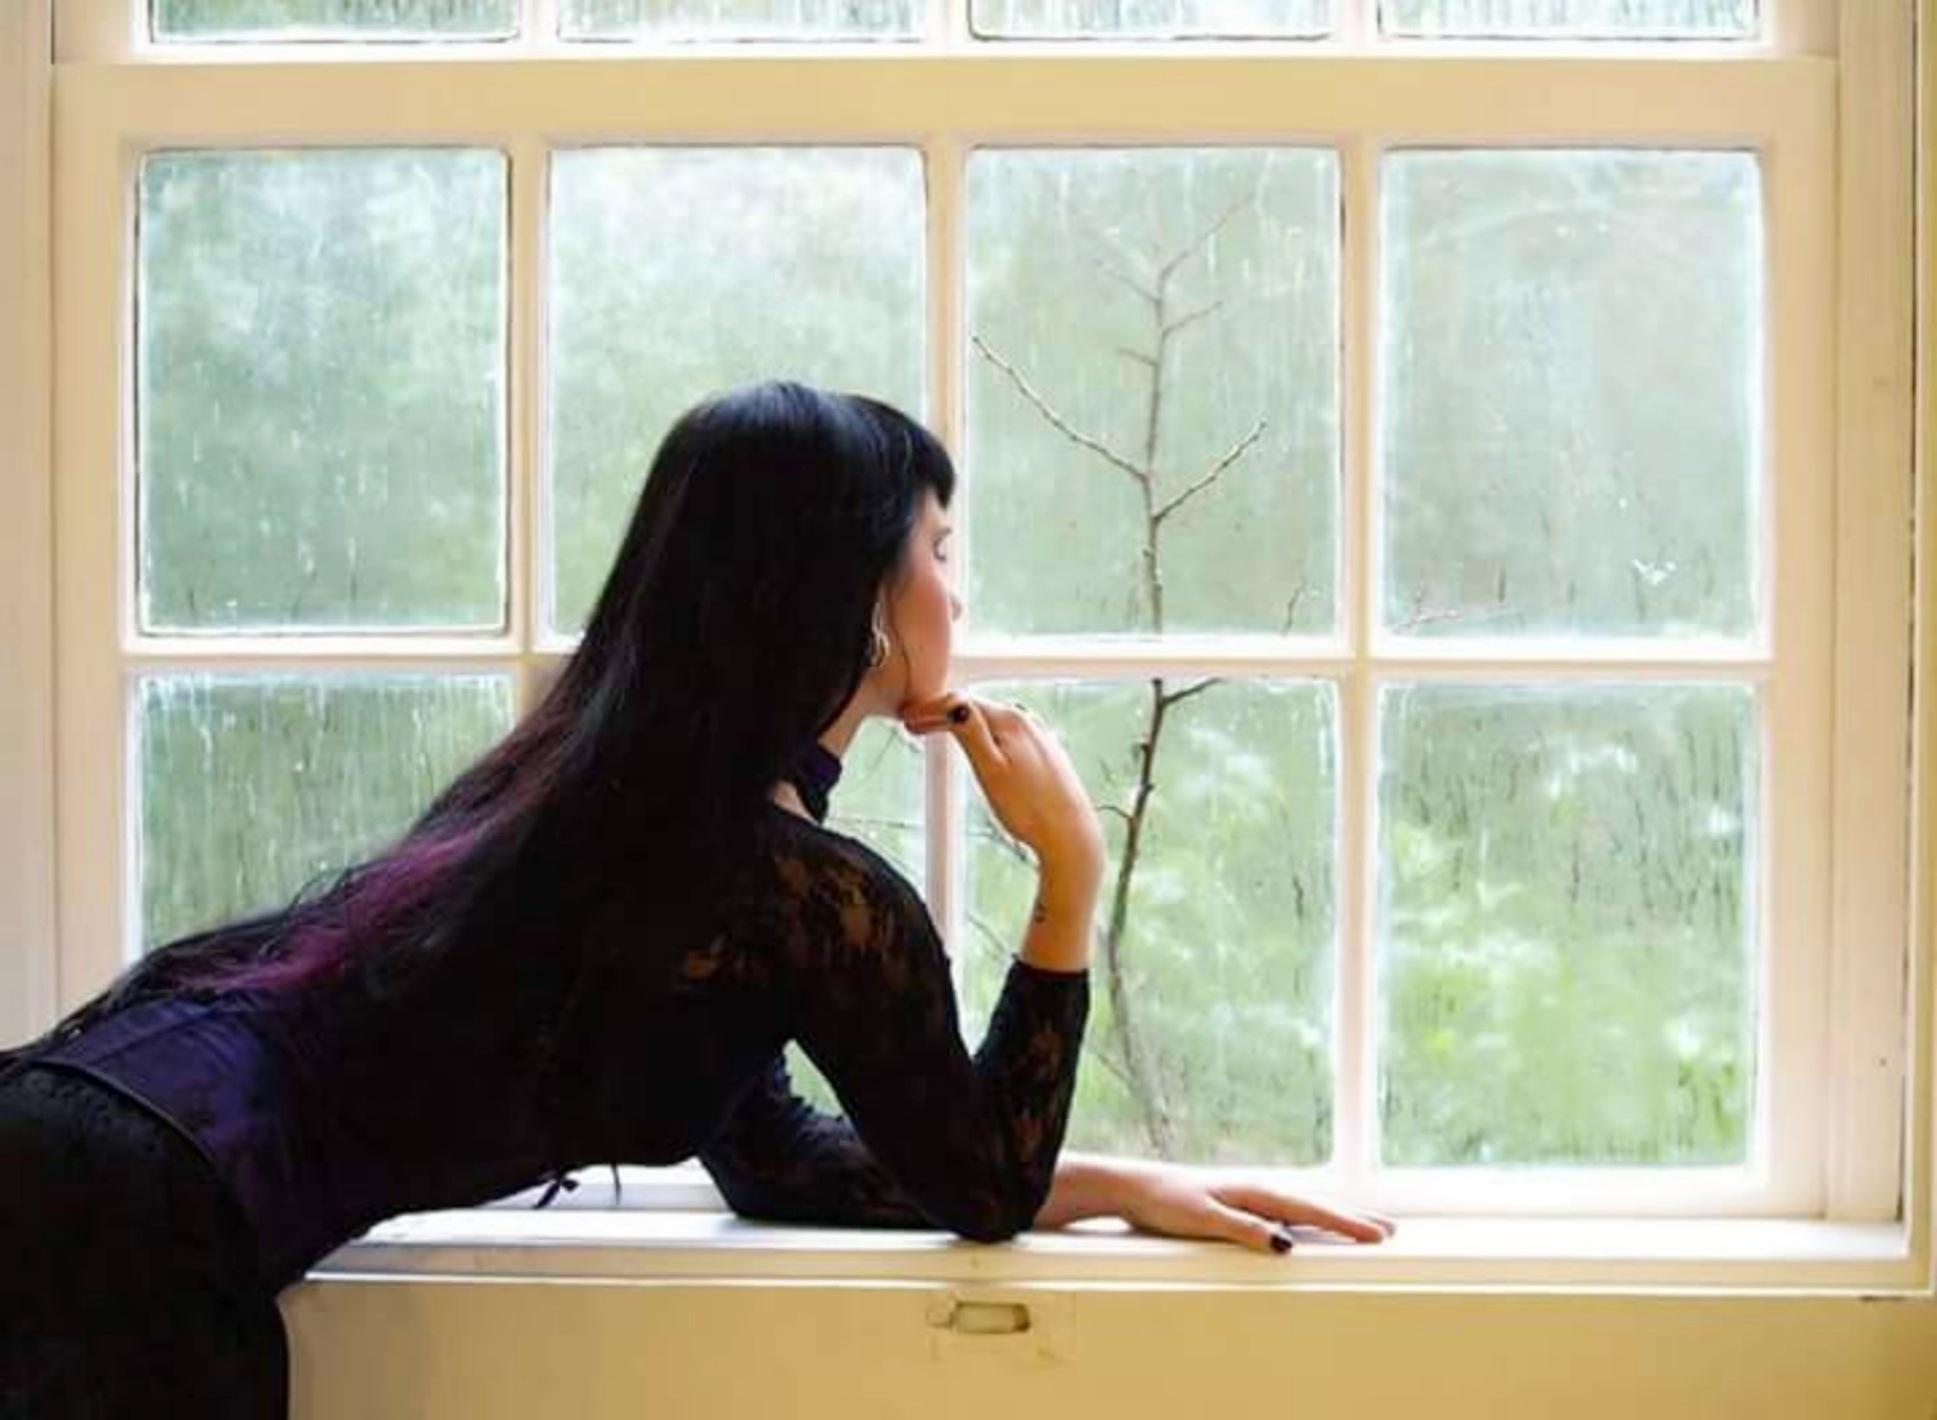 Thinking... by Ana Ribeiro